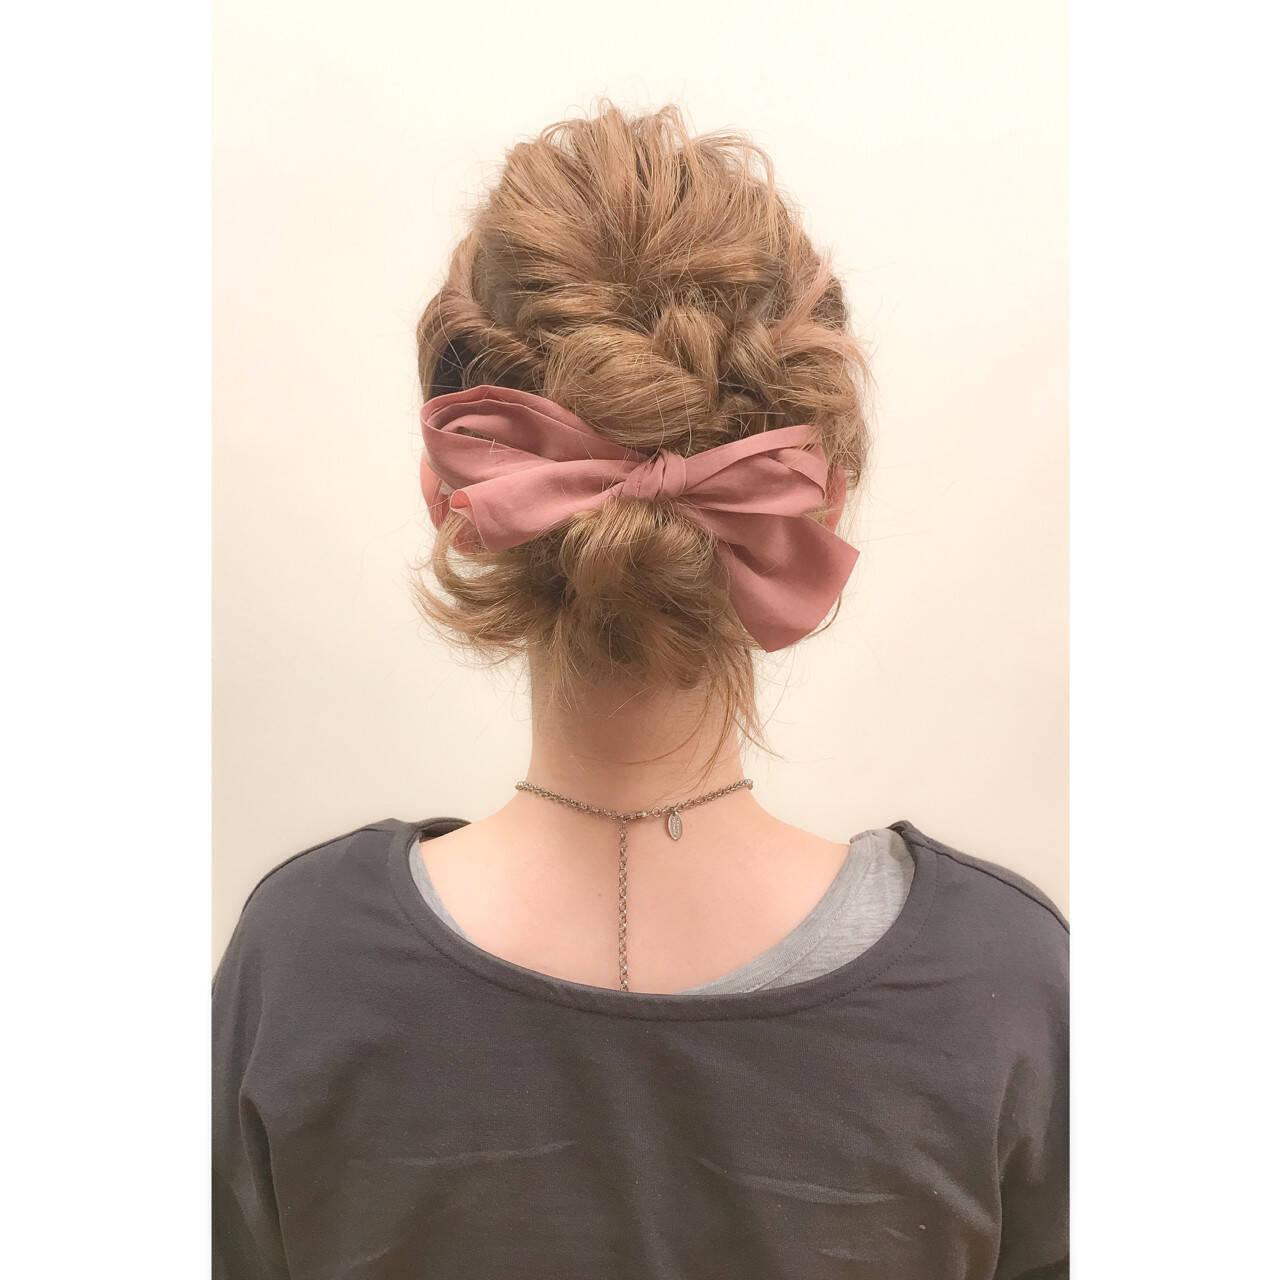 パーティ ショート ガーリー 簡単ヘアアレンジヘアスタイルや髪型の写真・画像